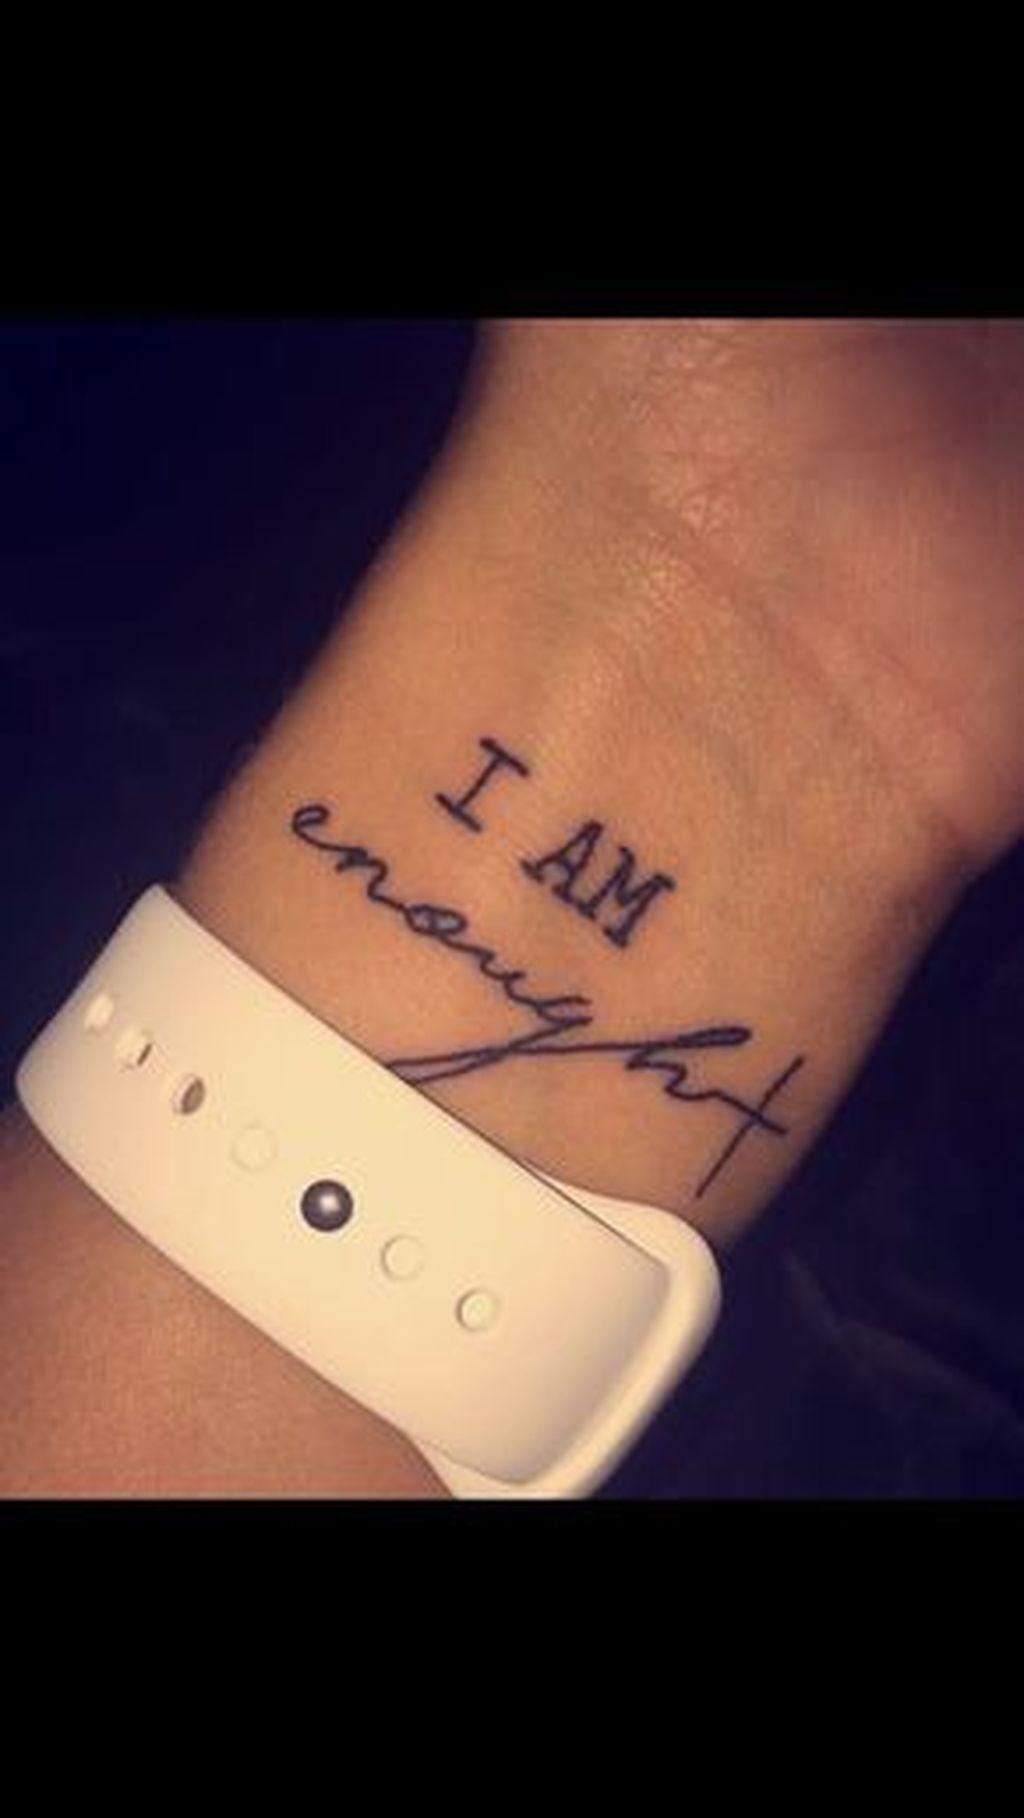 Hand Tattoo Meaningful Tattoos Pinterest Tattoos Back Tattoos